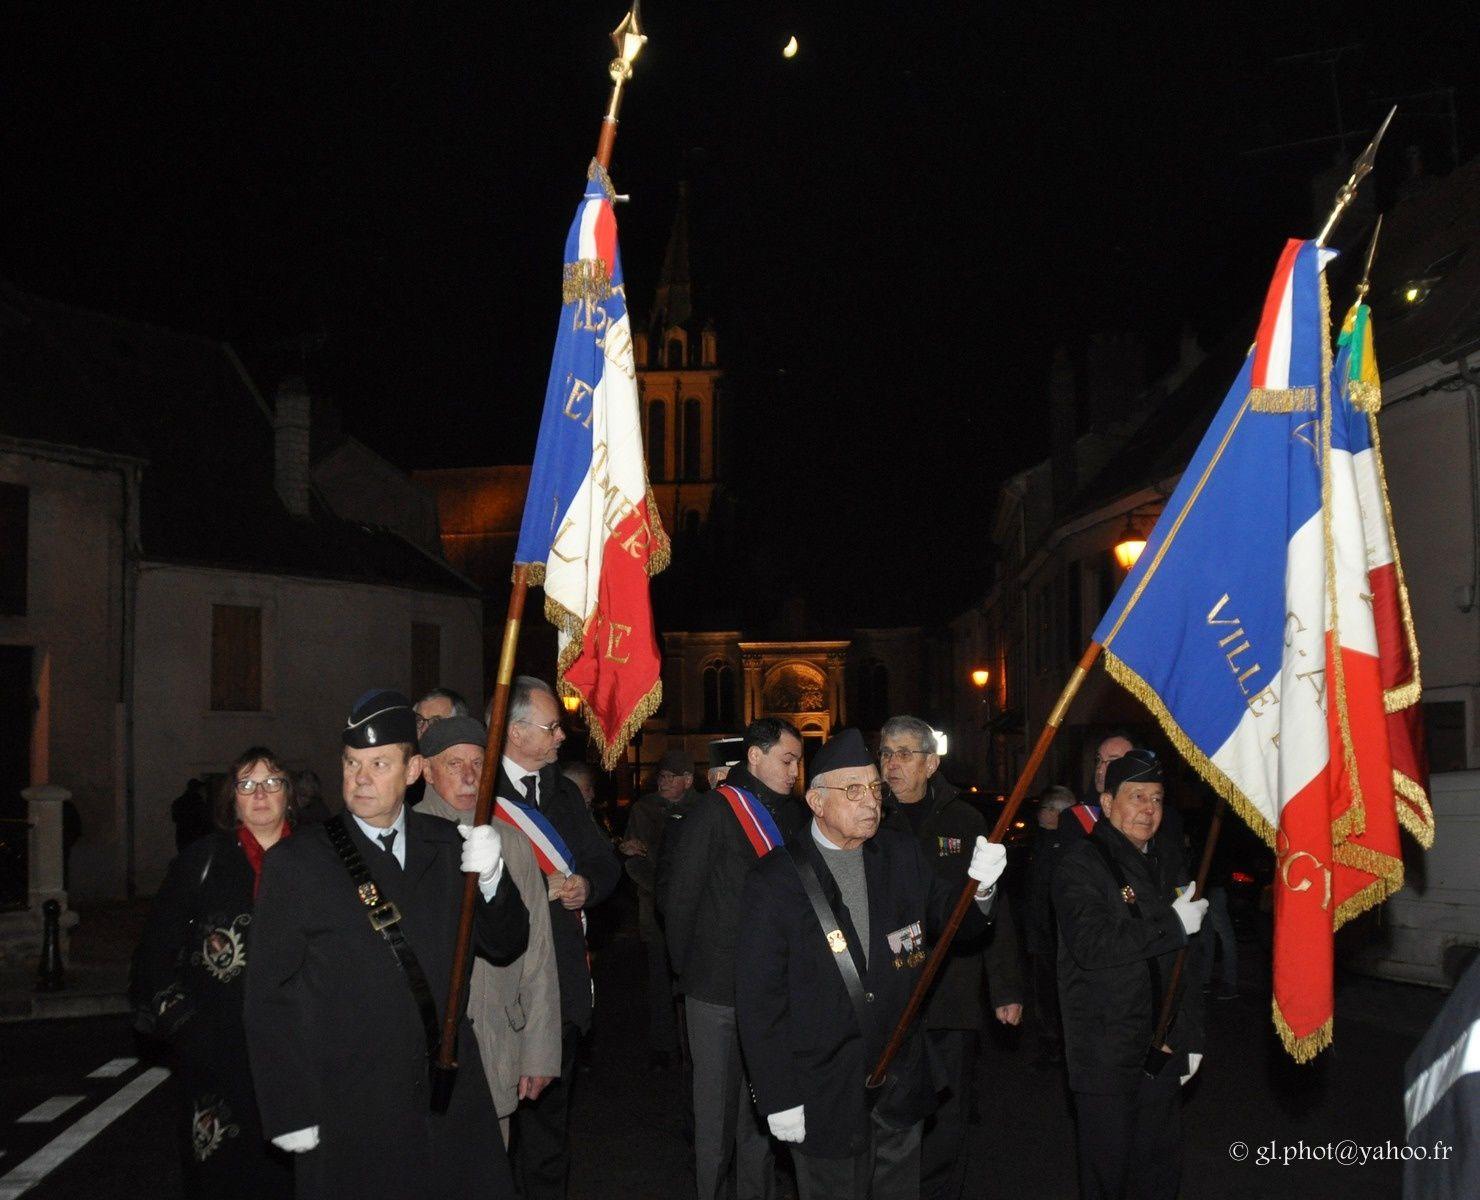 Commémoration d'hommage aux morts de la Guerre d'Algérie à Cergy